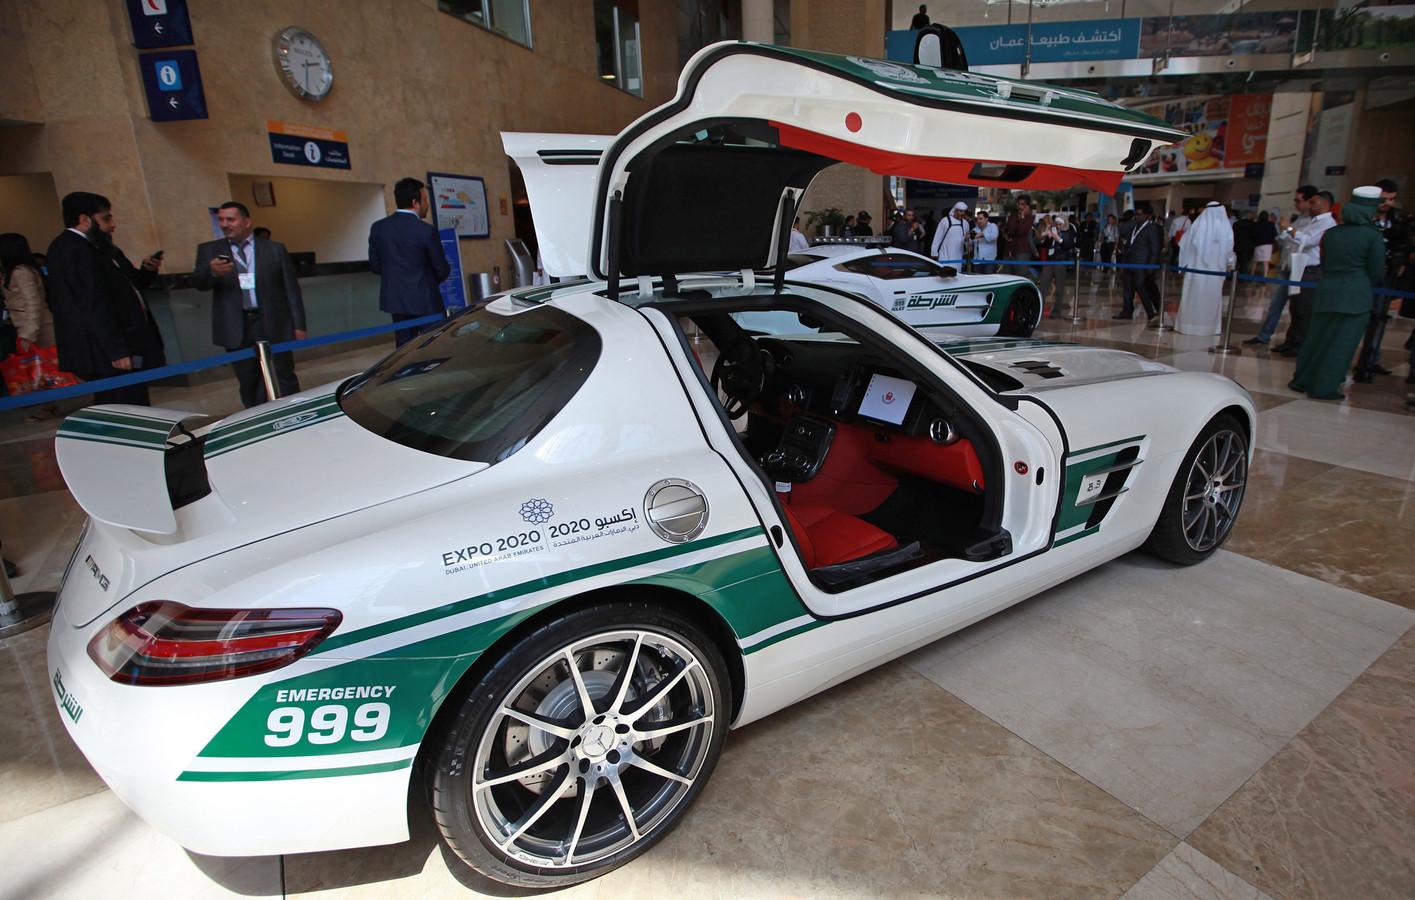 Een Mercedes-Benz SLS, eveneens in dienst van het politiekorps van Dubai